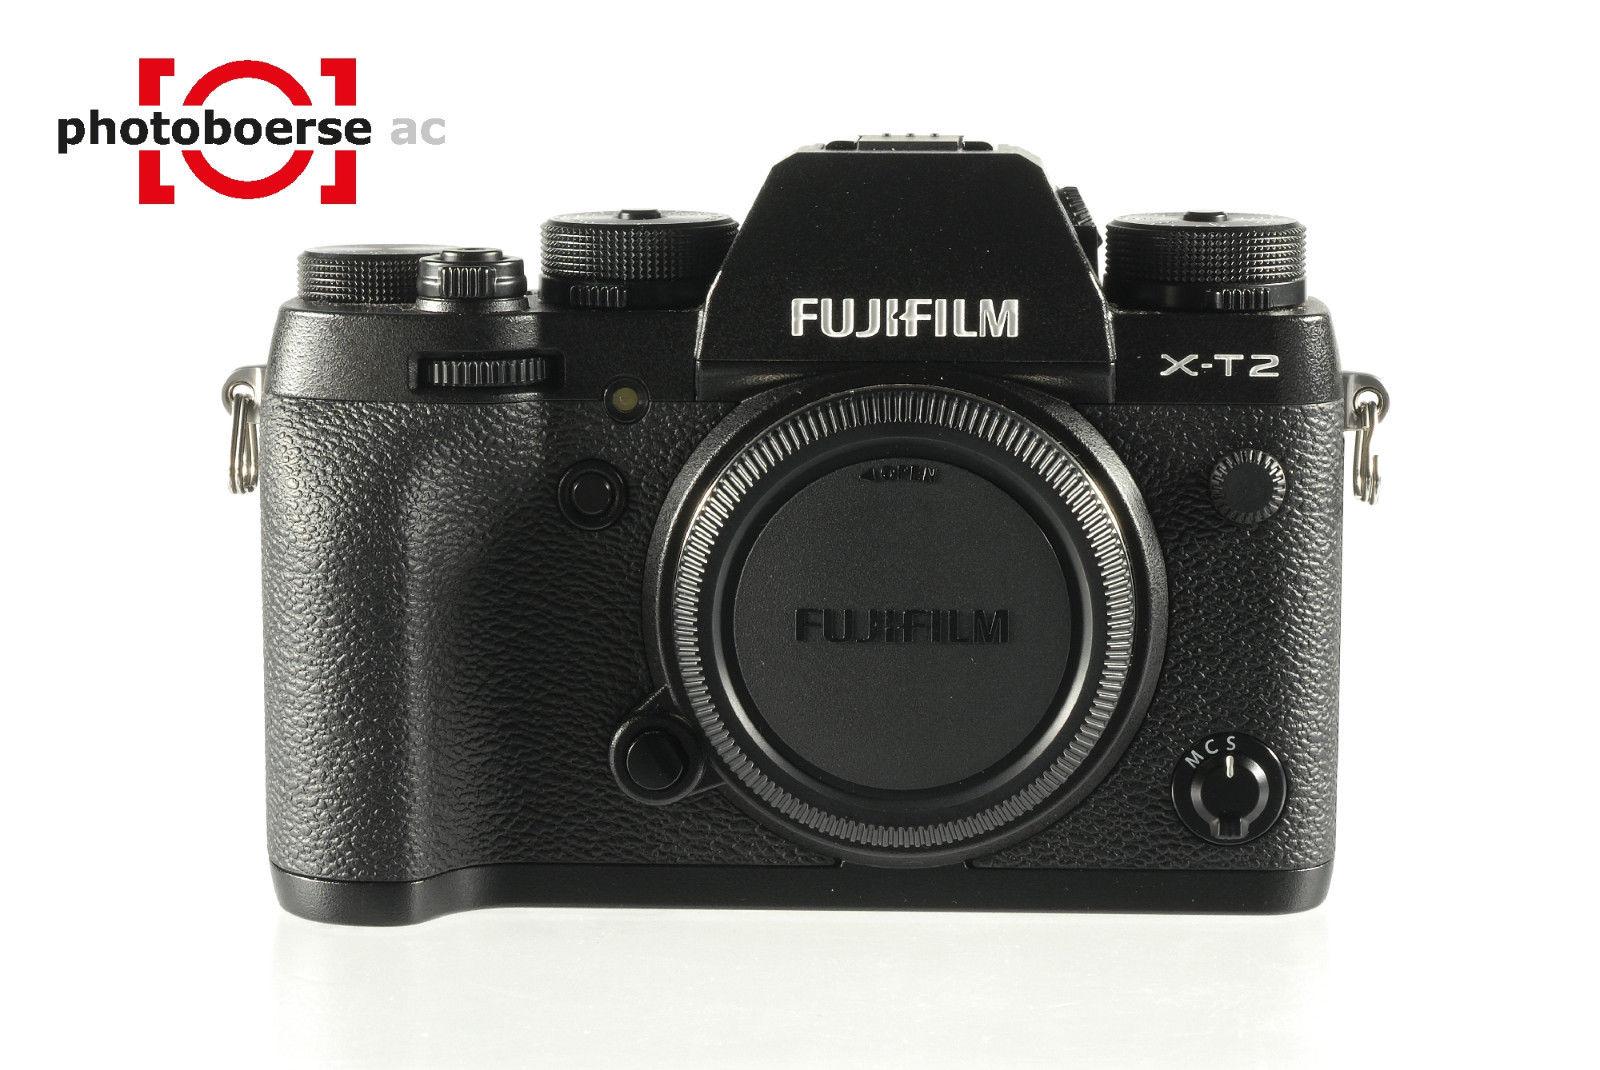 FUJIFILM X-T 2